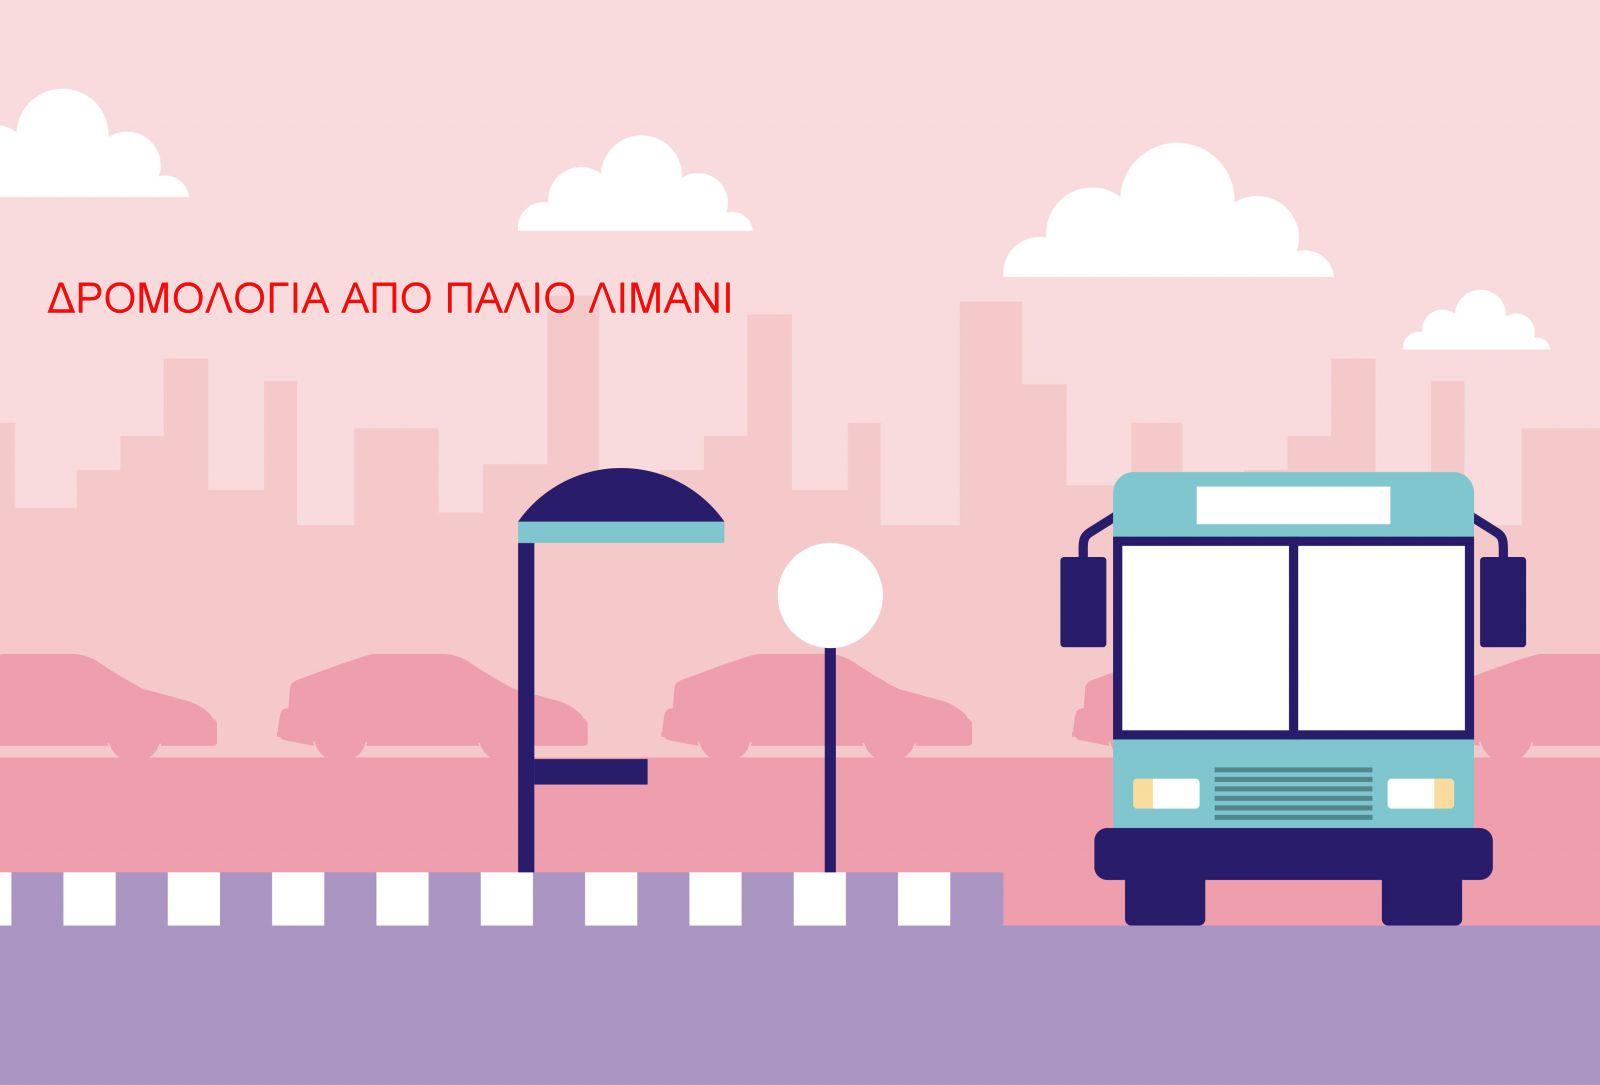 Δρομολόγια λεωφορείων από Παλιό Λιμάνι